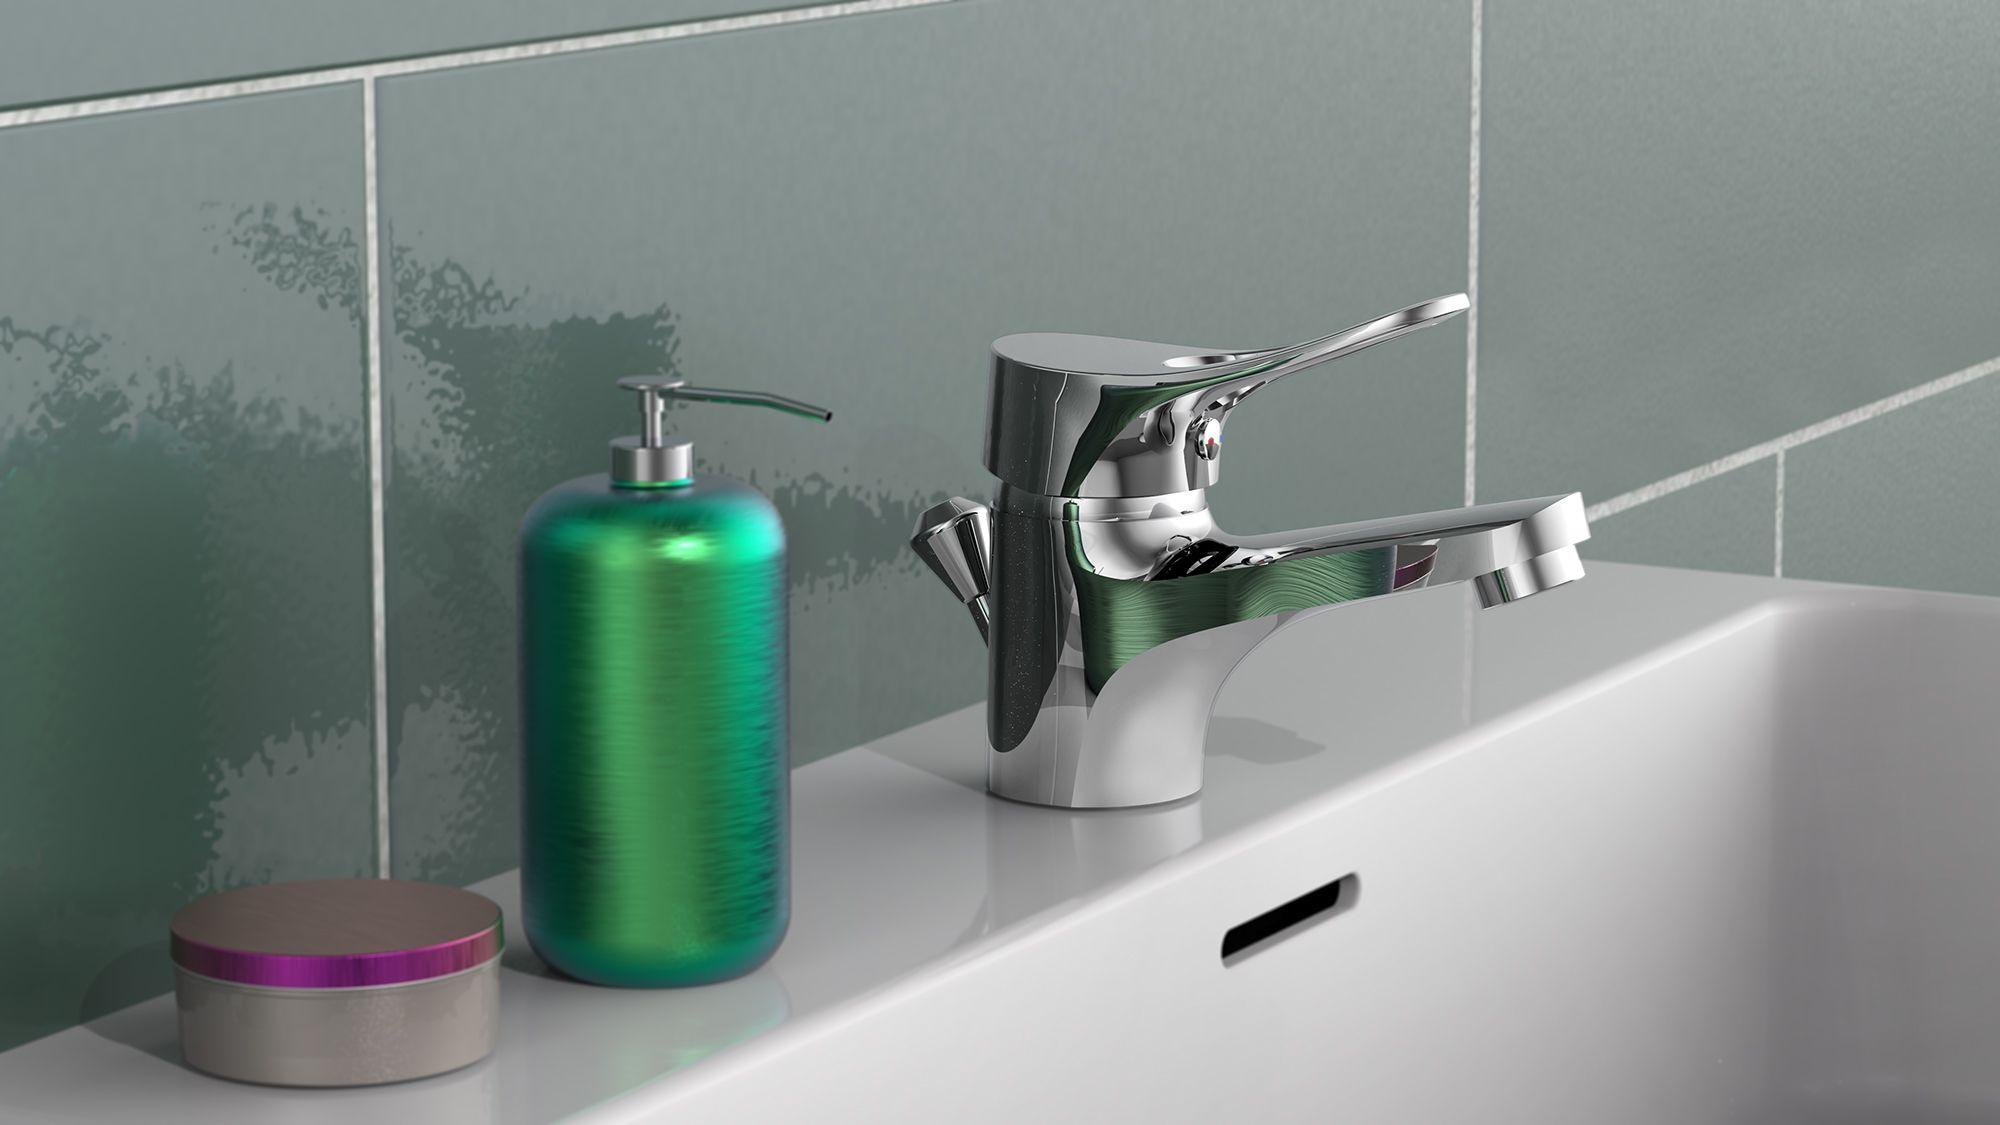 Waschtischarmatur Badarmatur Einhebelmischer Diy Bad Wohnideen Wohninspiration Badezimmer In 2020 Armaturen Bad Diy Bader